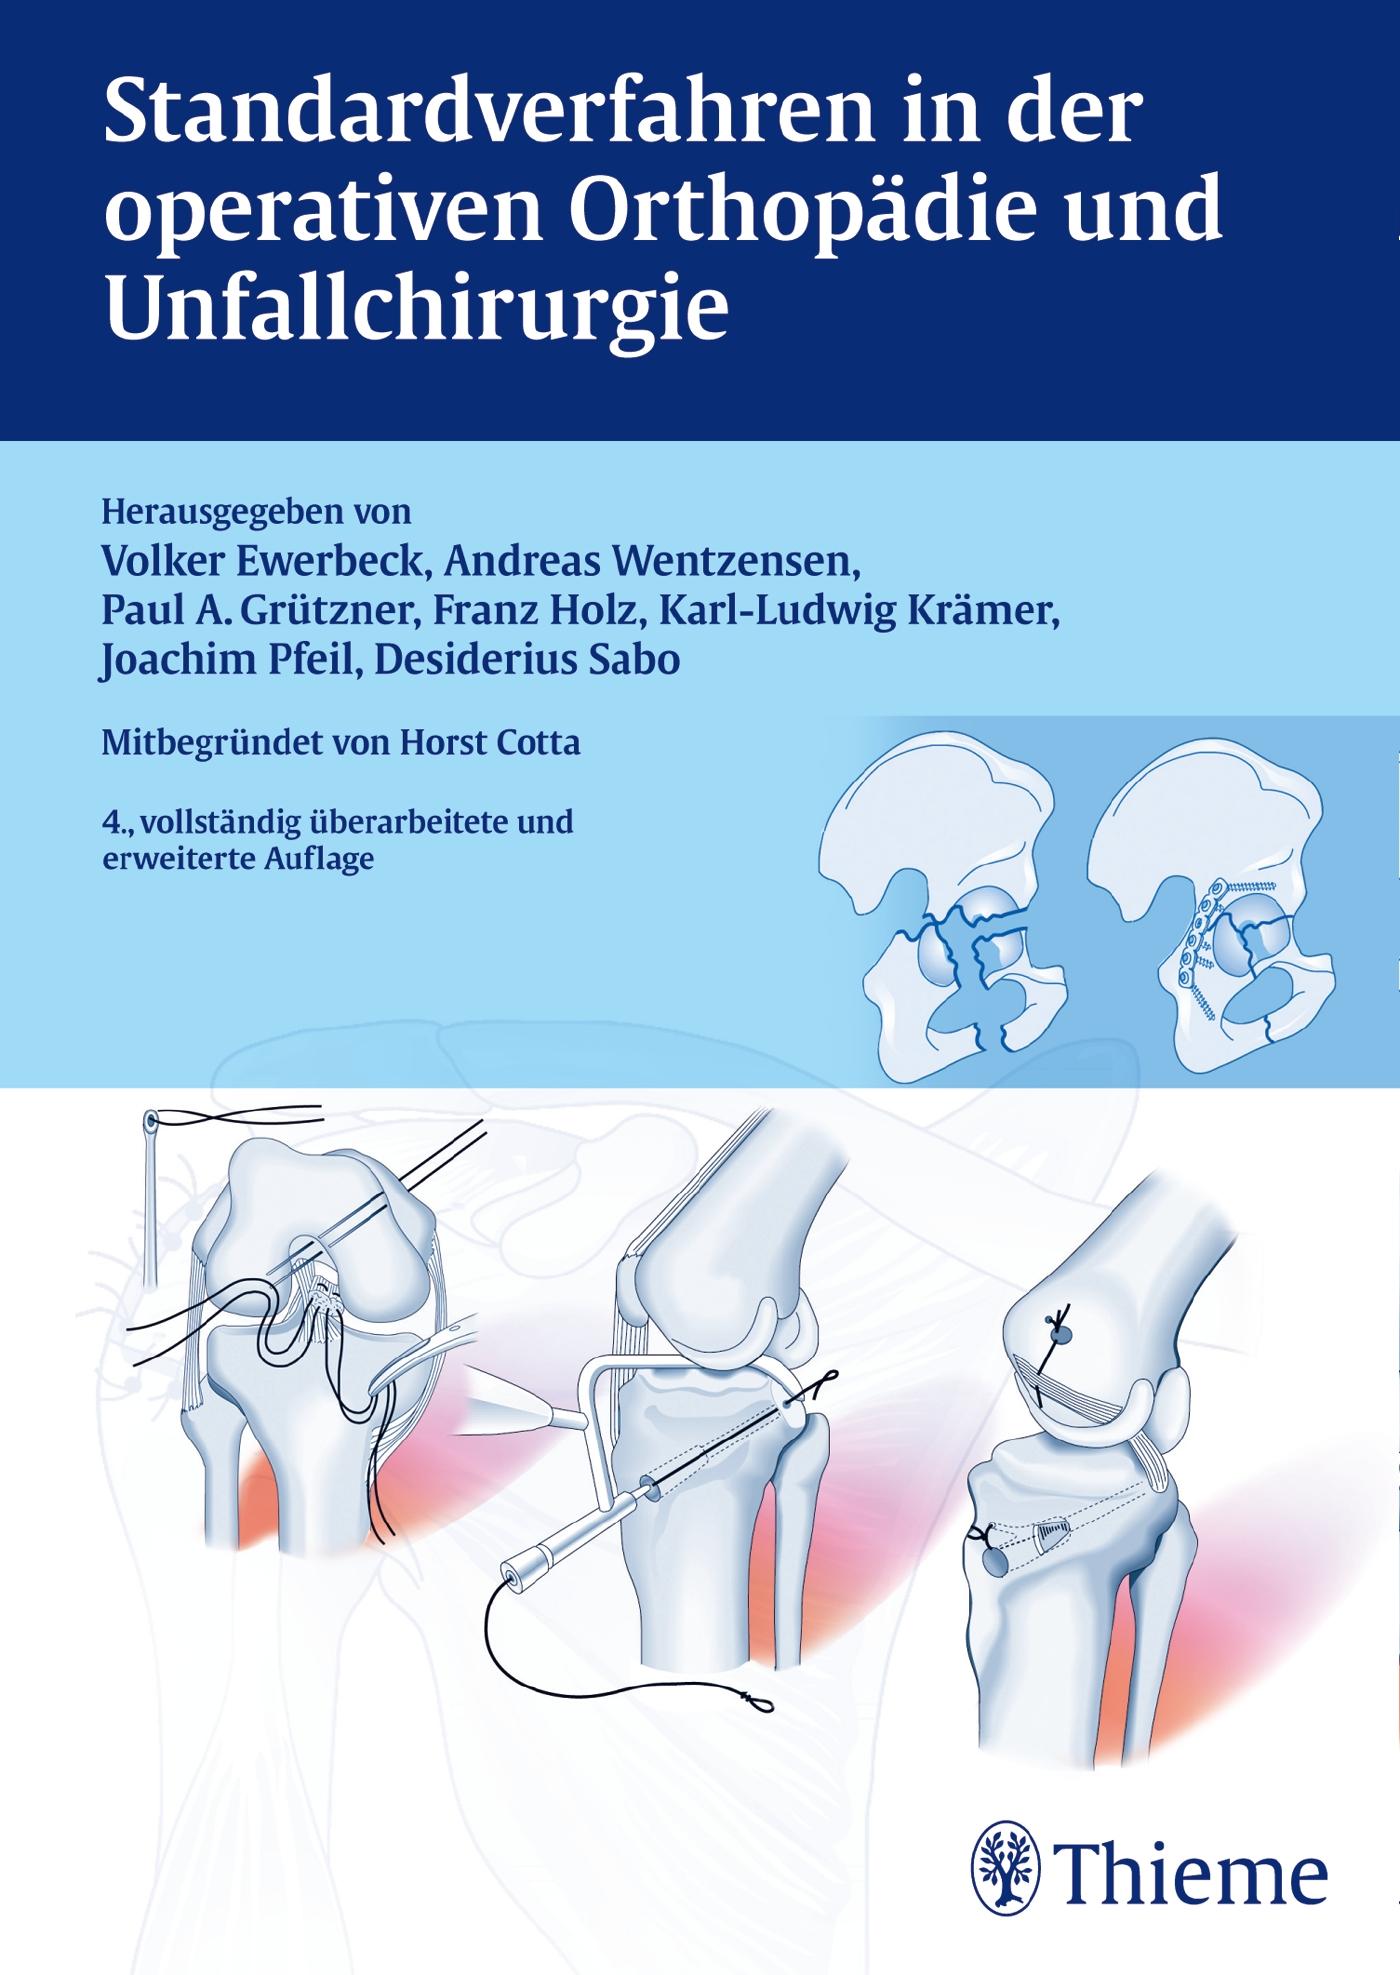 Standardverfahren in der operativen Orthopädie und Unfallchirurgie - Volker Ewerbeck [Gebundene Ausgabe, 4. Auflage 2014